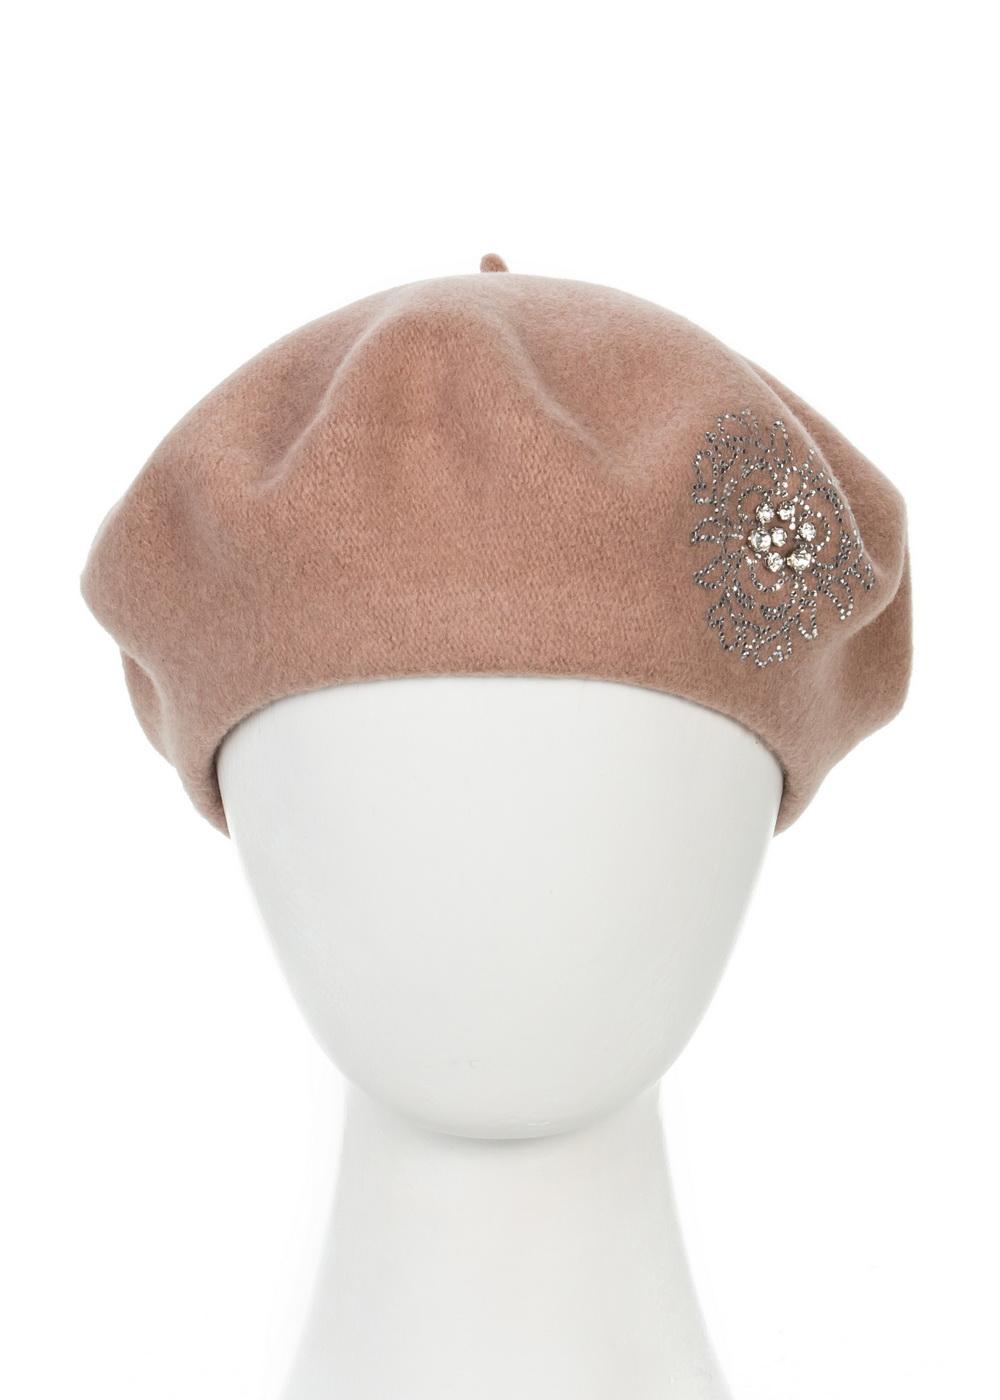 Берет998465Теплый берет Avanta Nea, выполненный из натуральной шерсти, отлично дополнит ваш образ в холодную погоду. Модель оформлена оригинальным узором выложенным из страз. Такой берет, составит идеальный комплект с модной верхней одеждой, в нем вам будет уютно и тепло! Уважаемые клиенты! Размер, доступный для заказа, является обхватом головы.